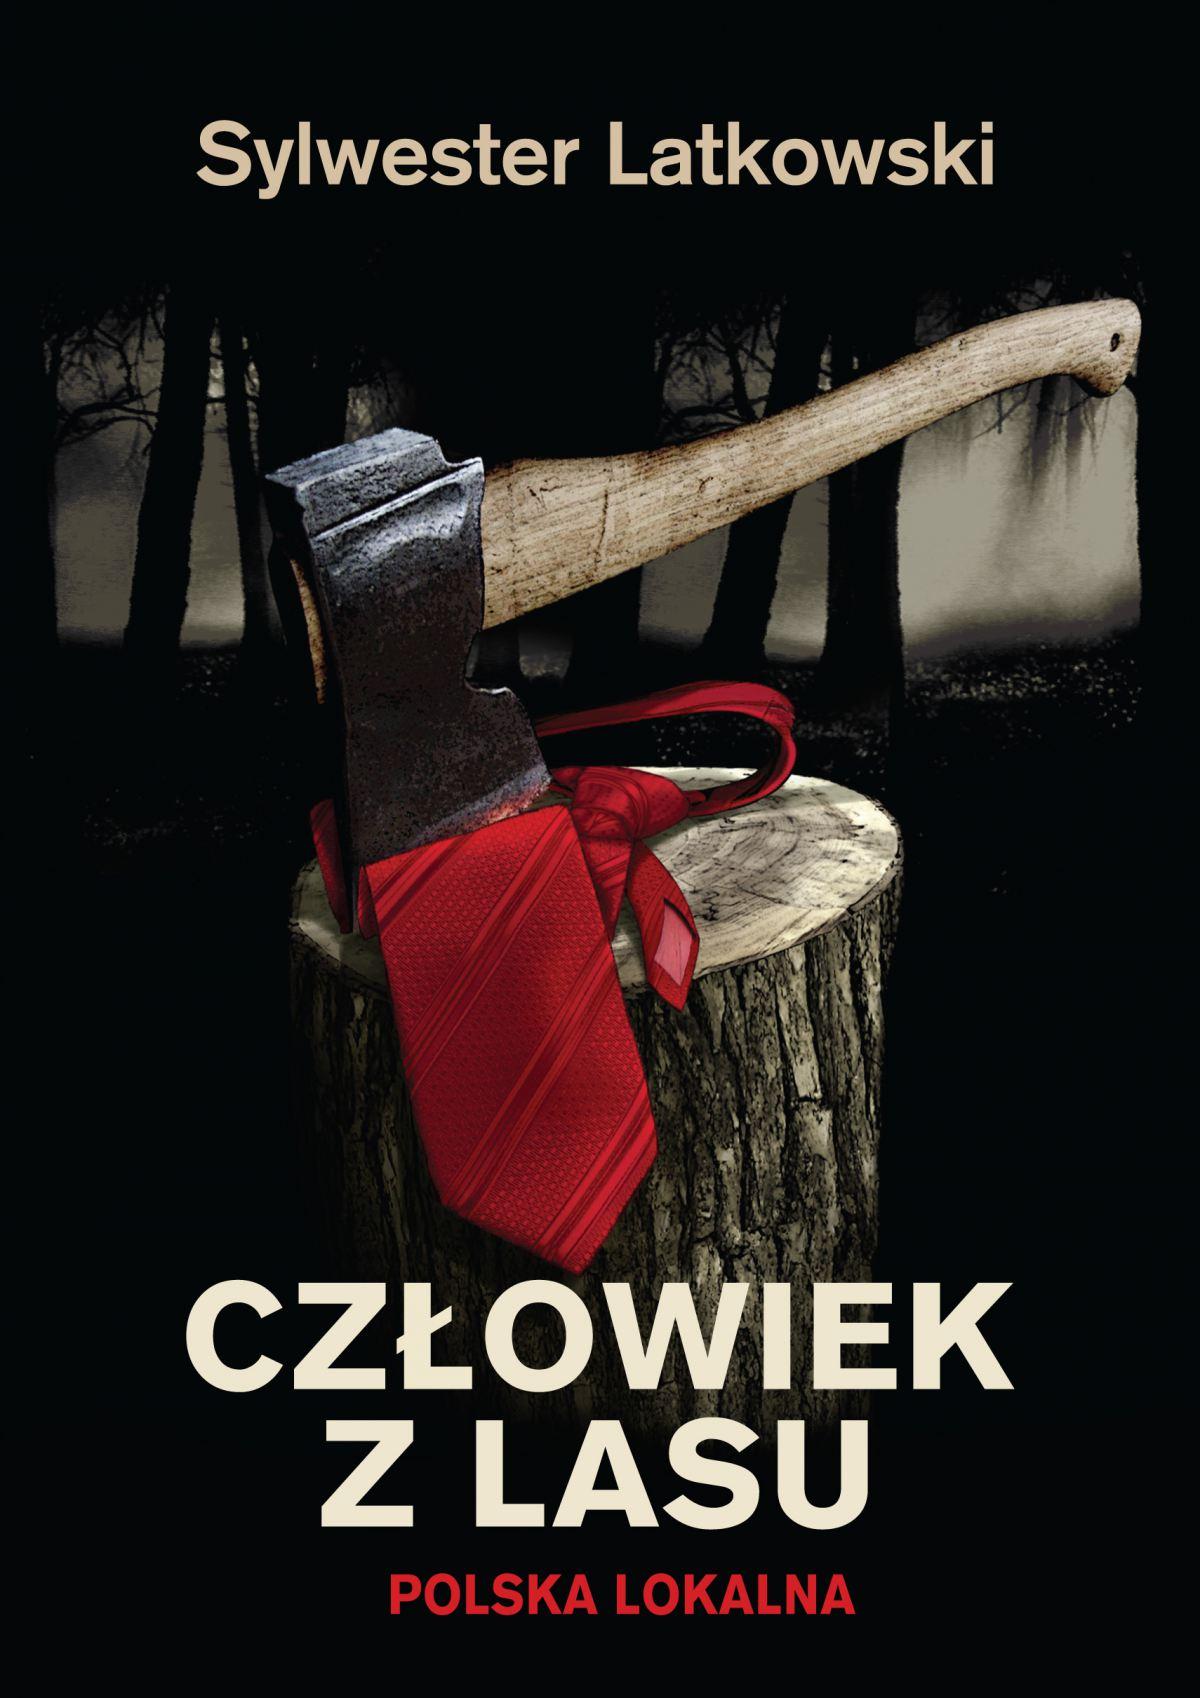 Człowiek z lasu - Ebook (Książka EPUB) do pobrania w formacie EPUB